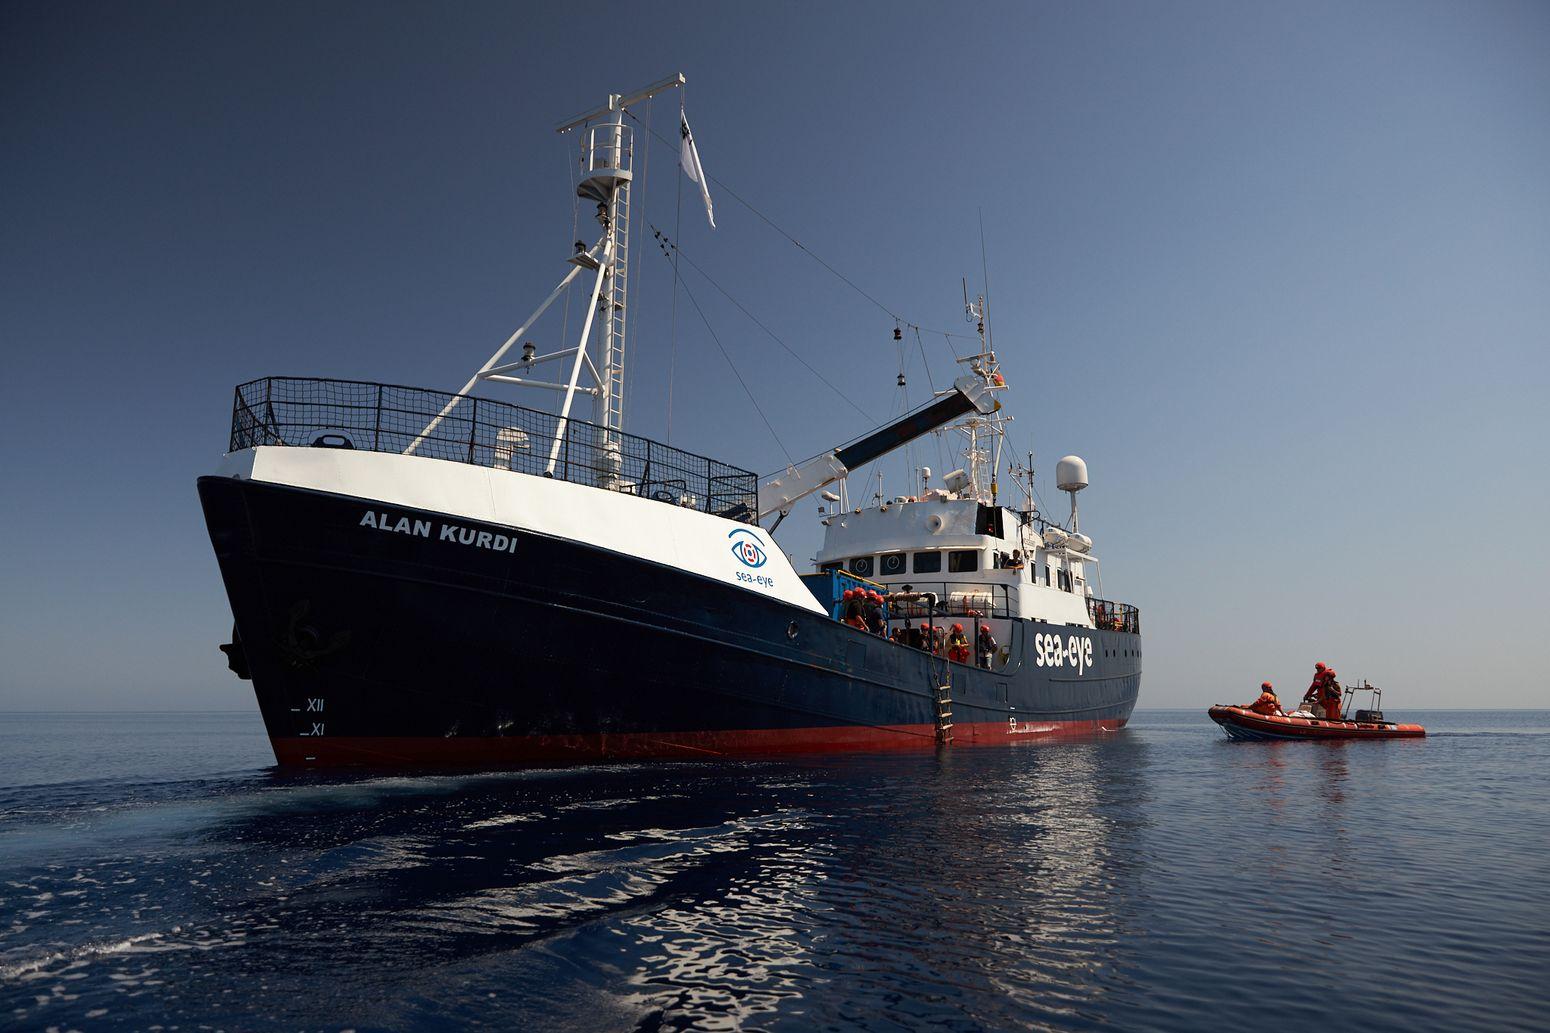 ALAN KURDI im Mittelmeer